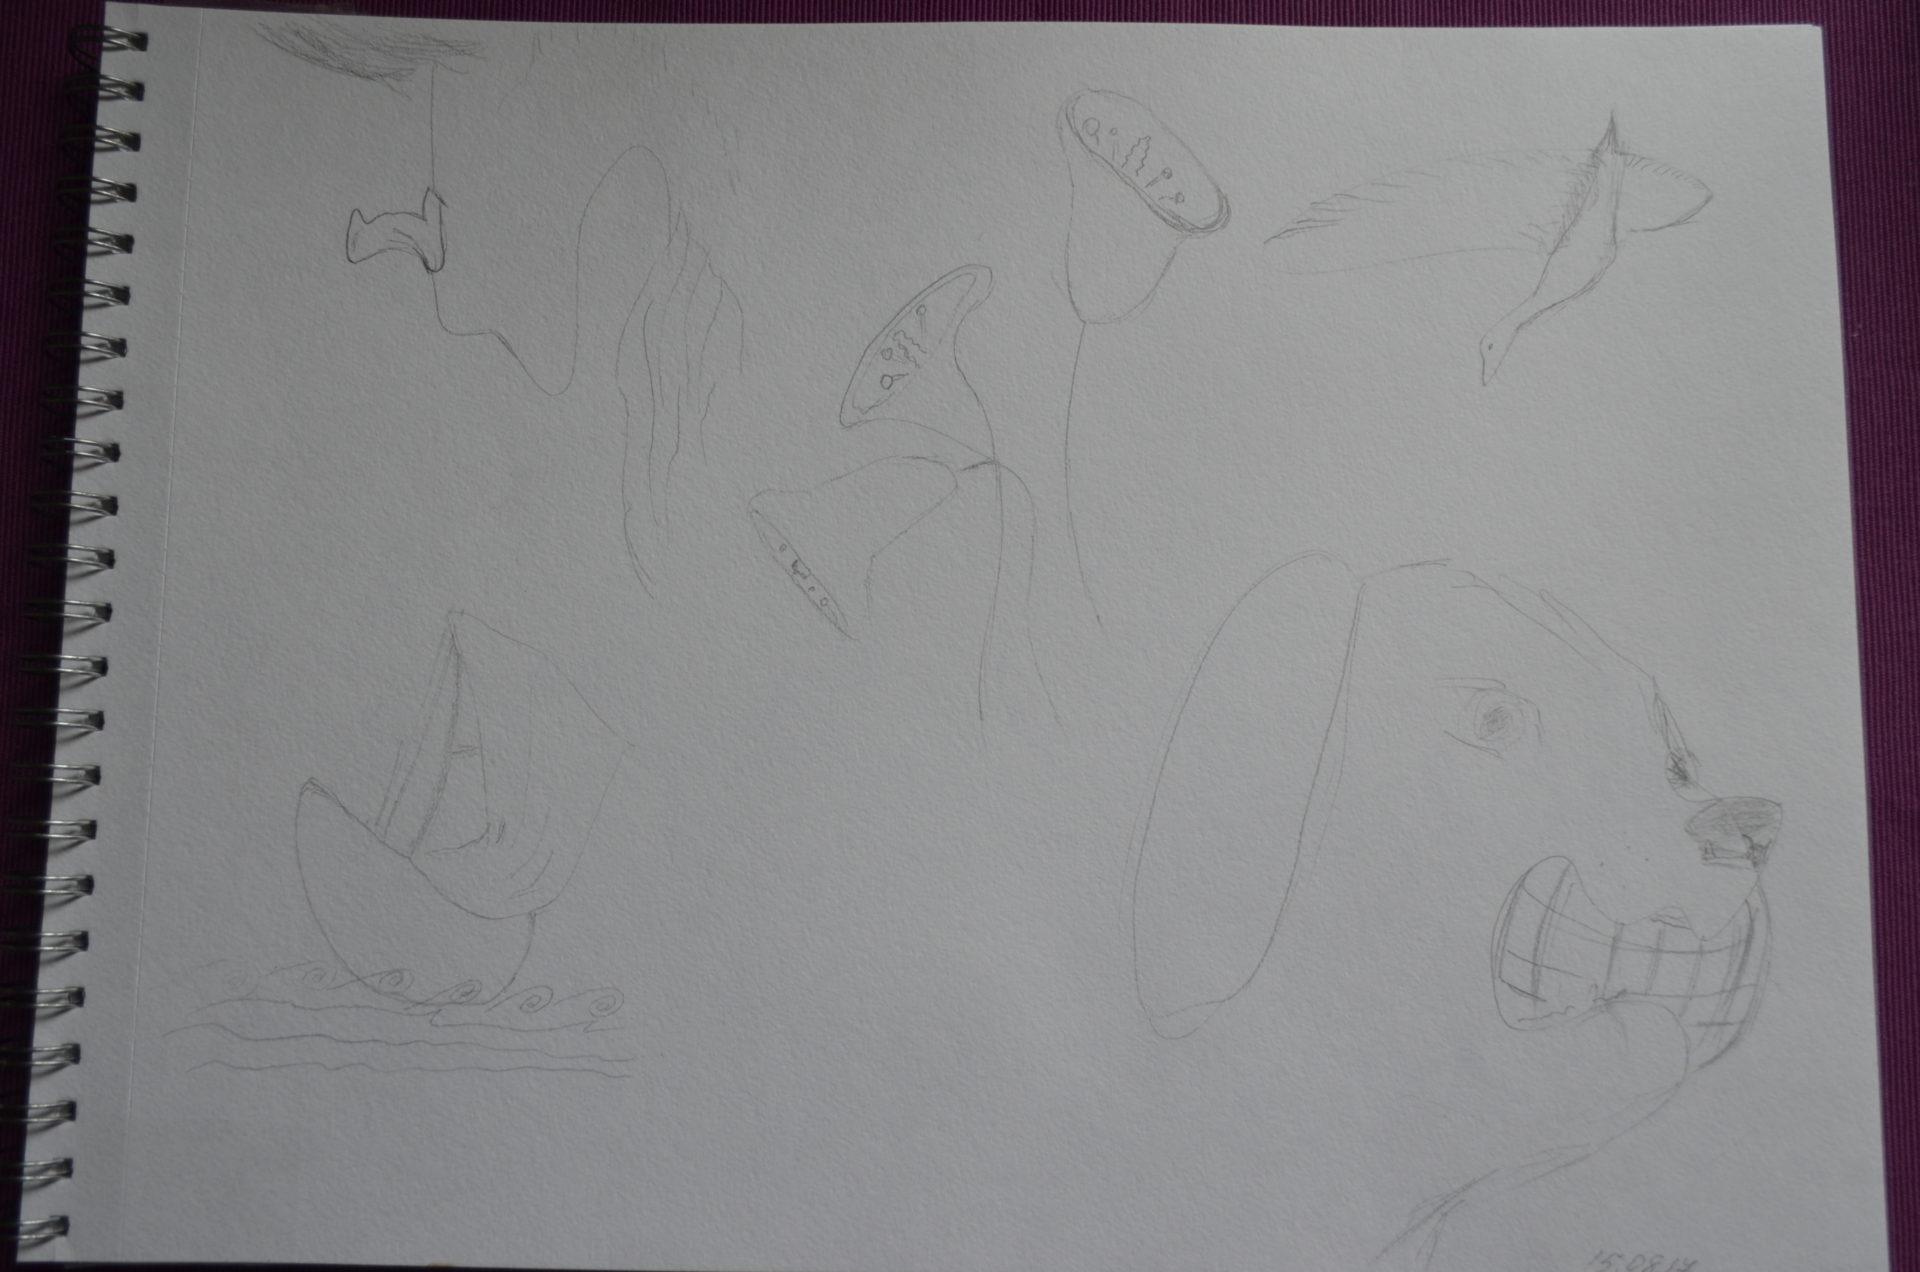 Каляки-маляки превратились в элегантные рисунки